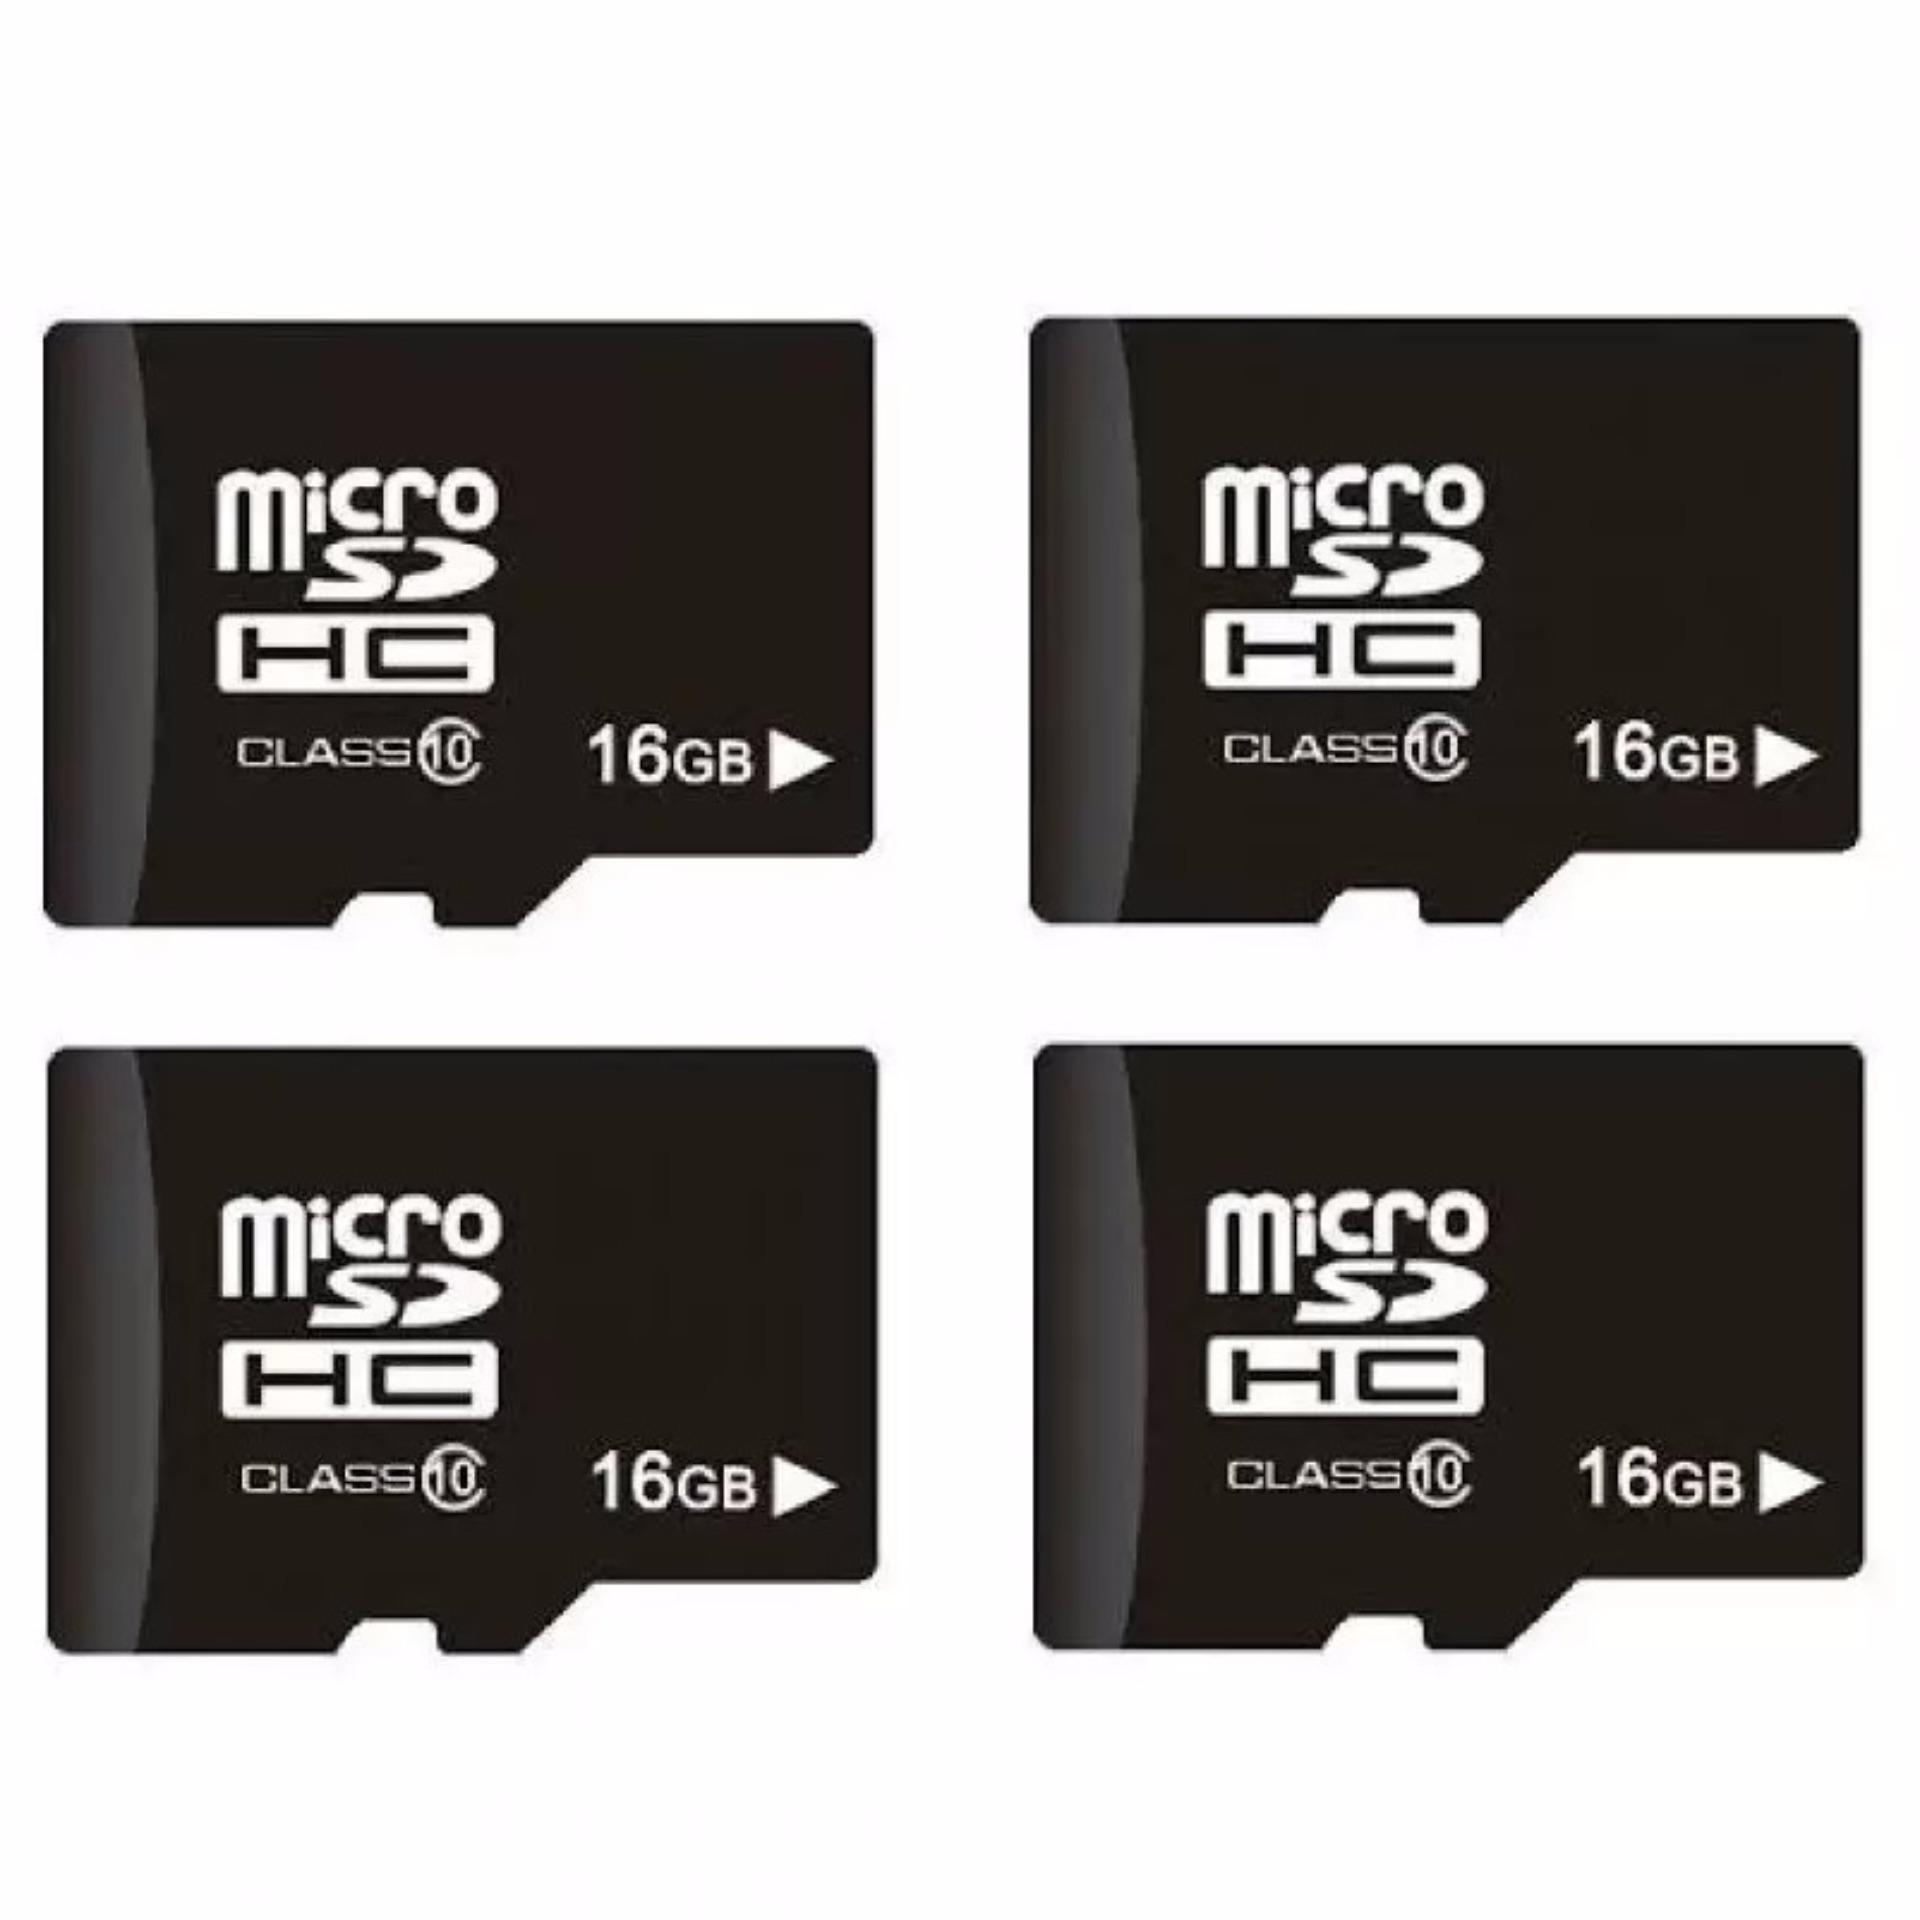 Bộ 4 Thẻ Nhớ 16Gb Micro Sdhc Class 10